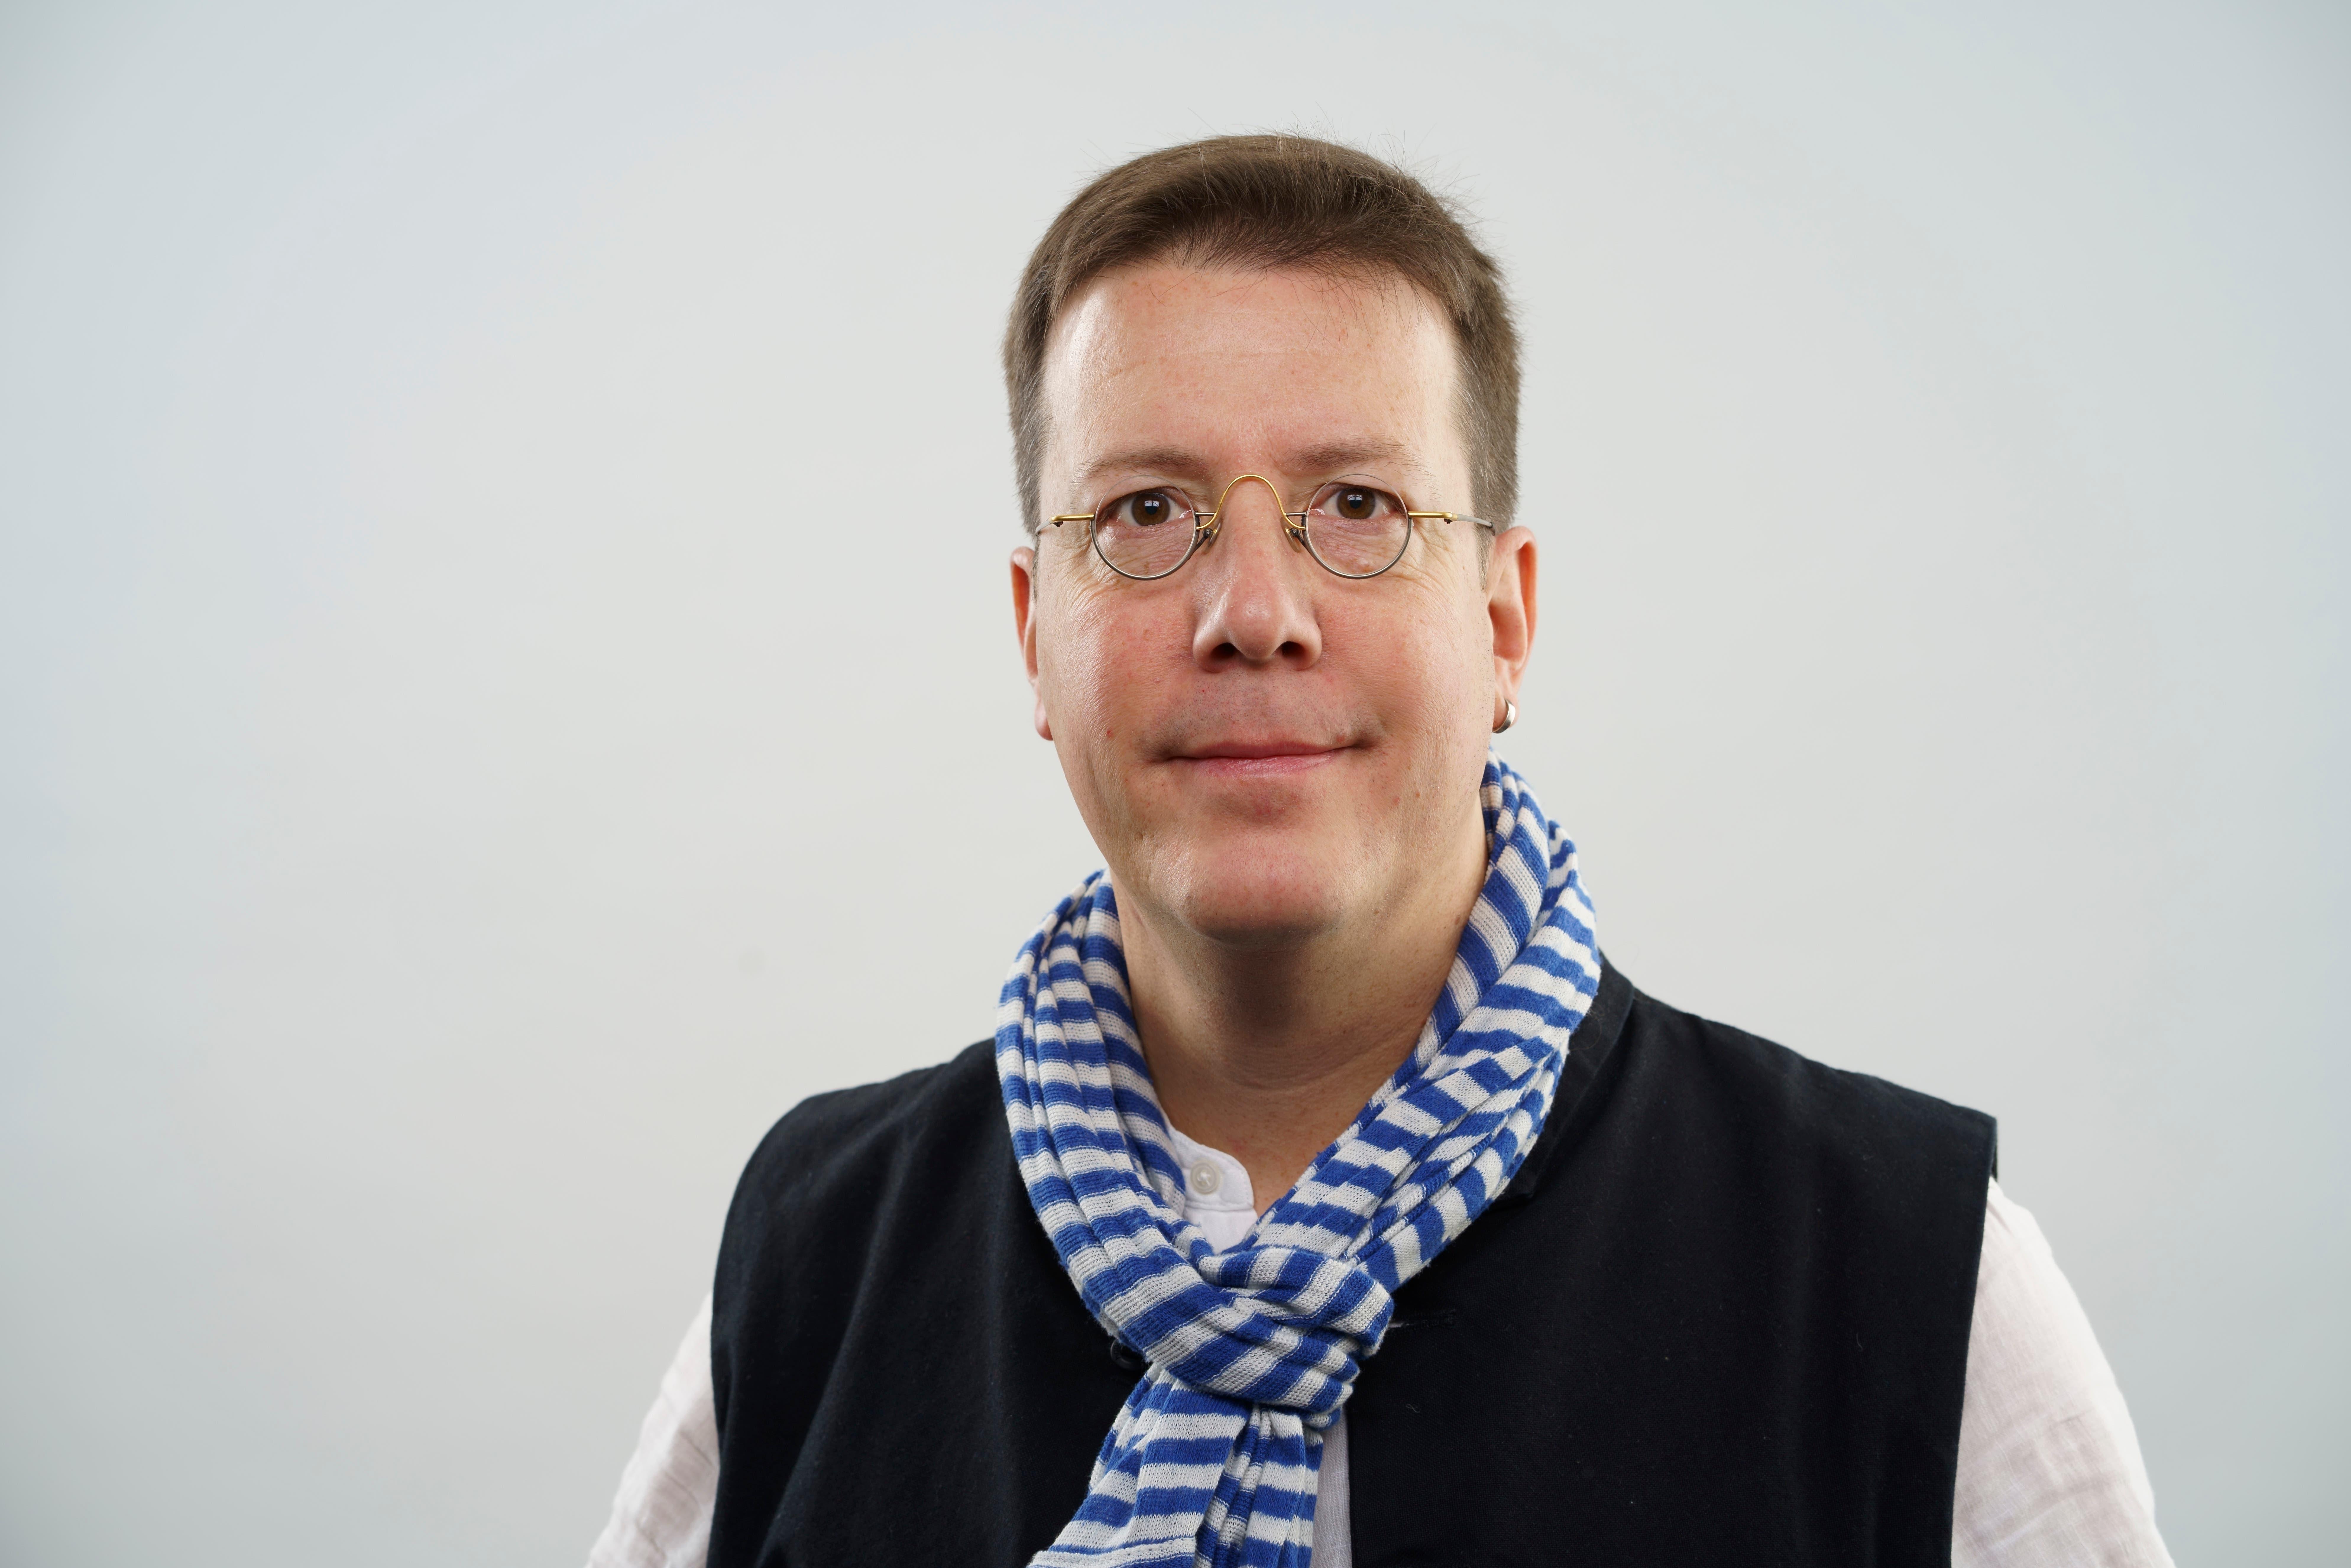 Hannes Koch 45 (bisher), Horw.